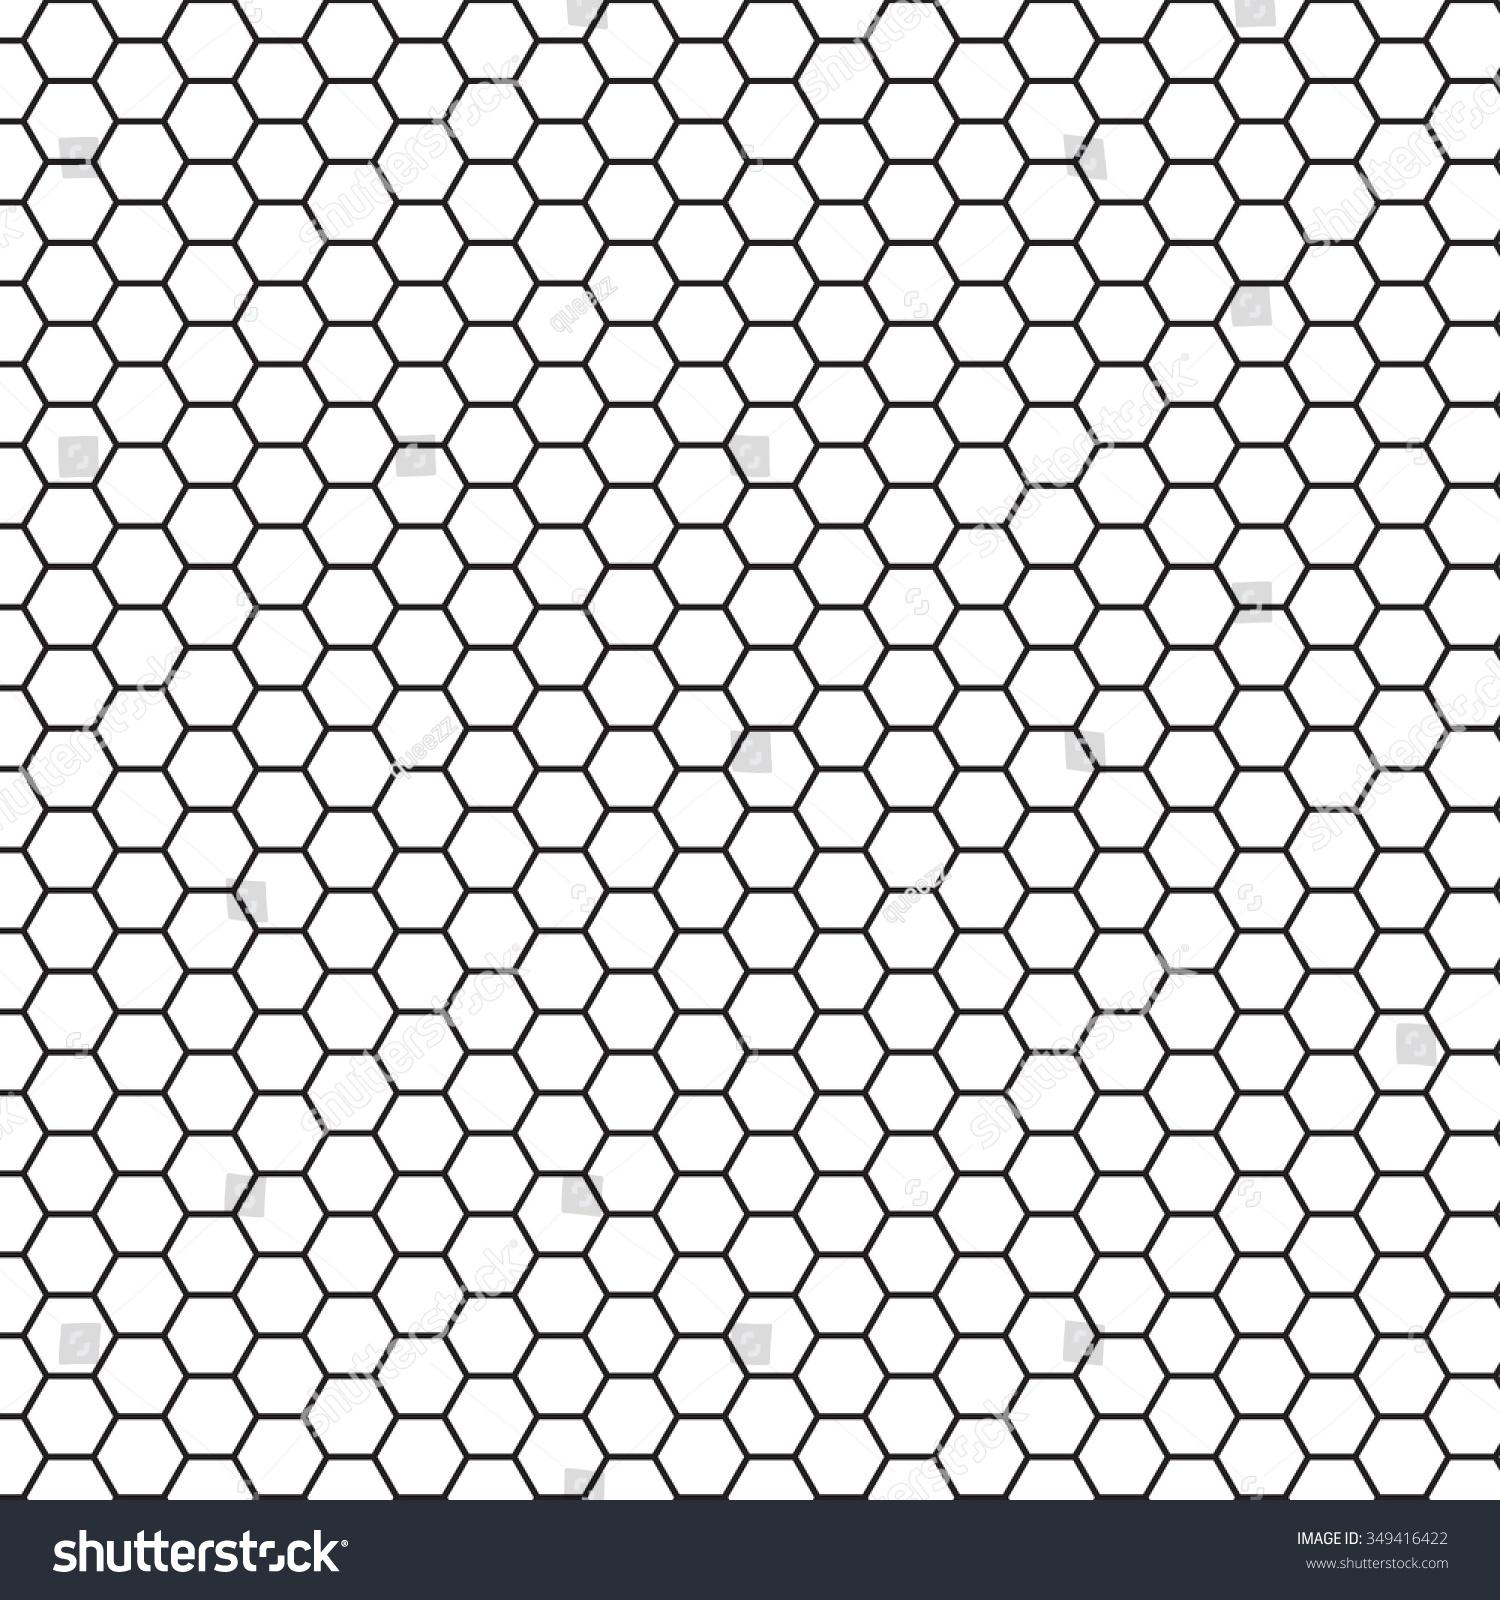 hex graph - Saroz rabionetassociats com